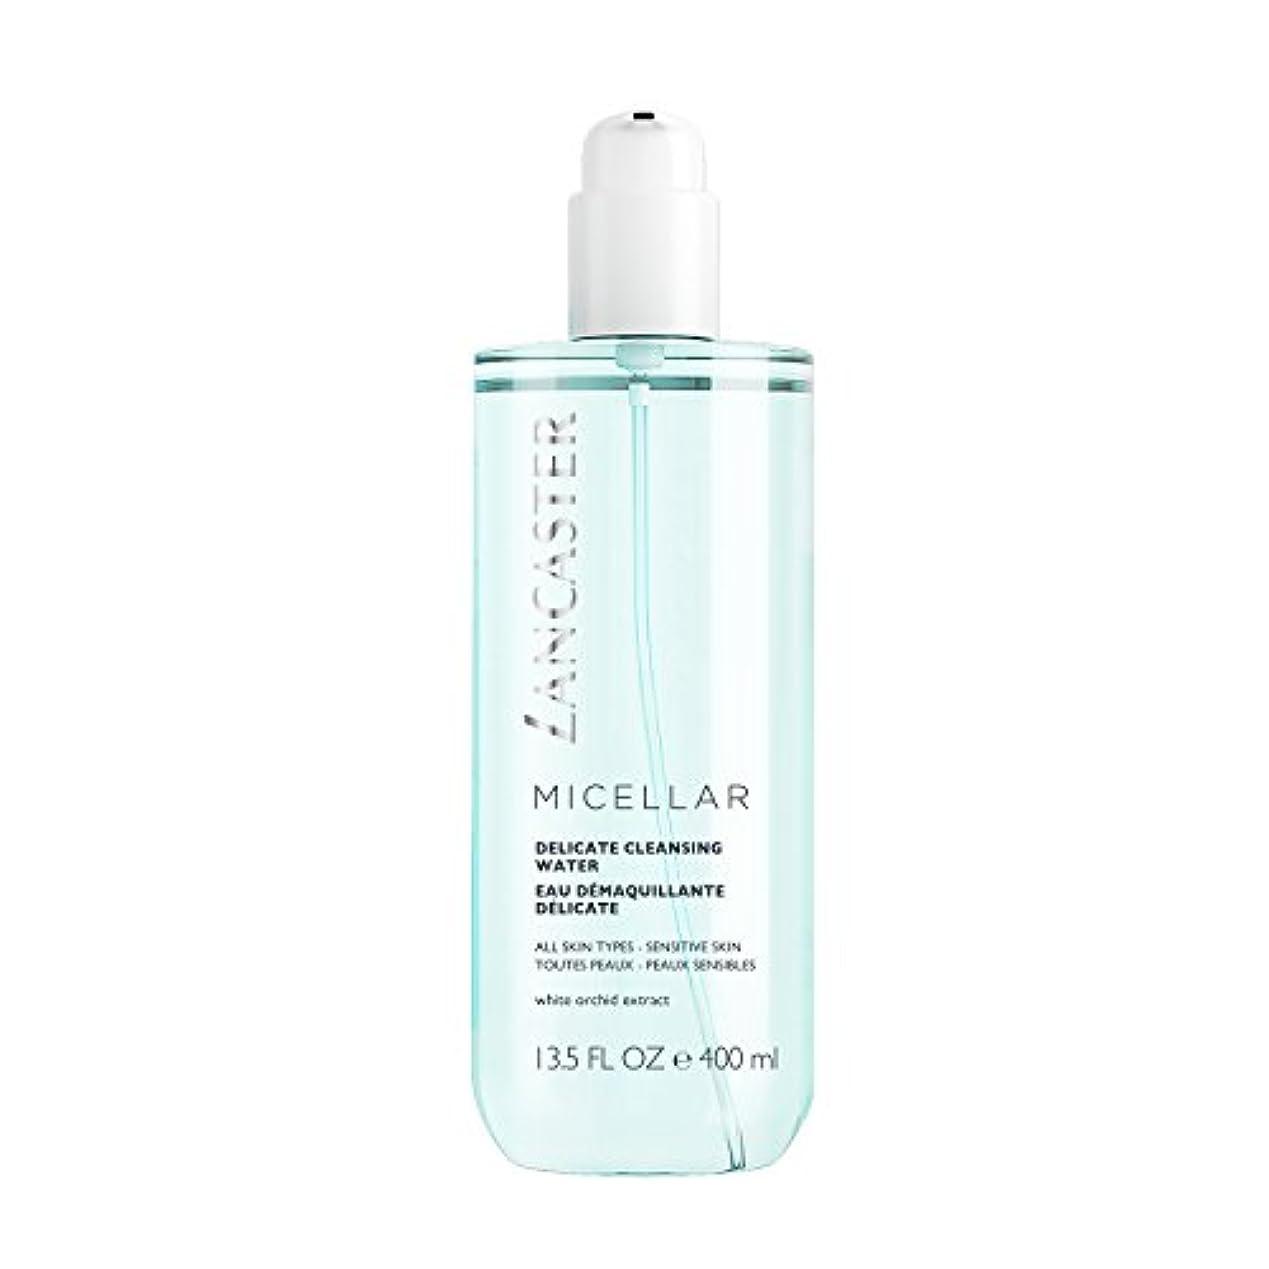 肘掛け椅子検索エンジンマーケティング洋服ランカスター Micellar Delicate Cleansing Water - All Skin Types, Including Sensitive Skin 400ml/13.5oz並行輸入品